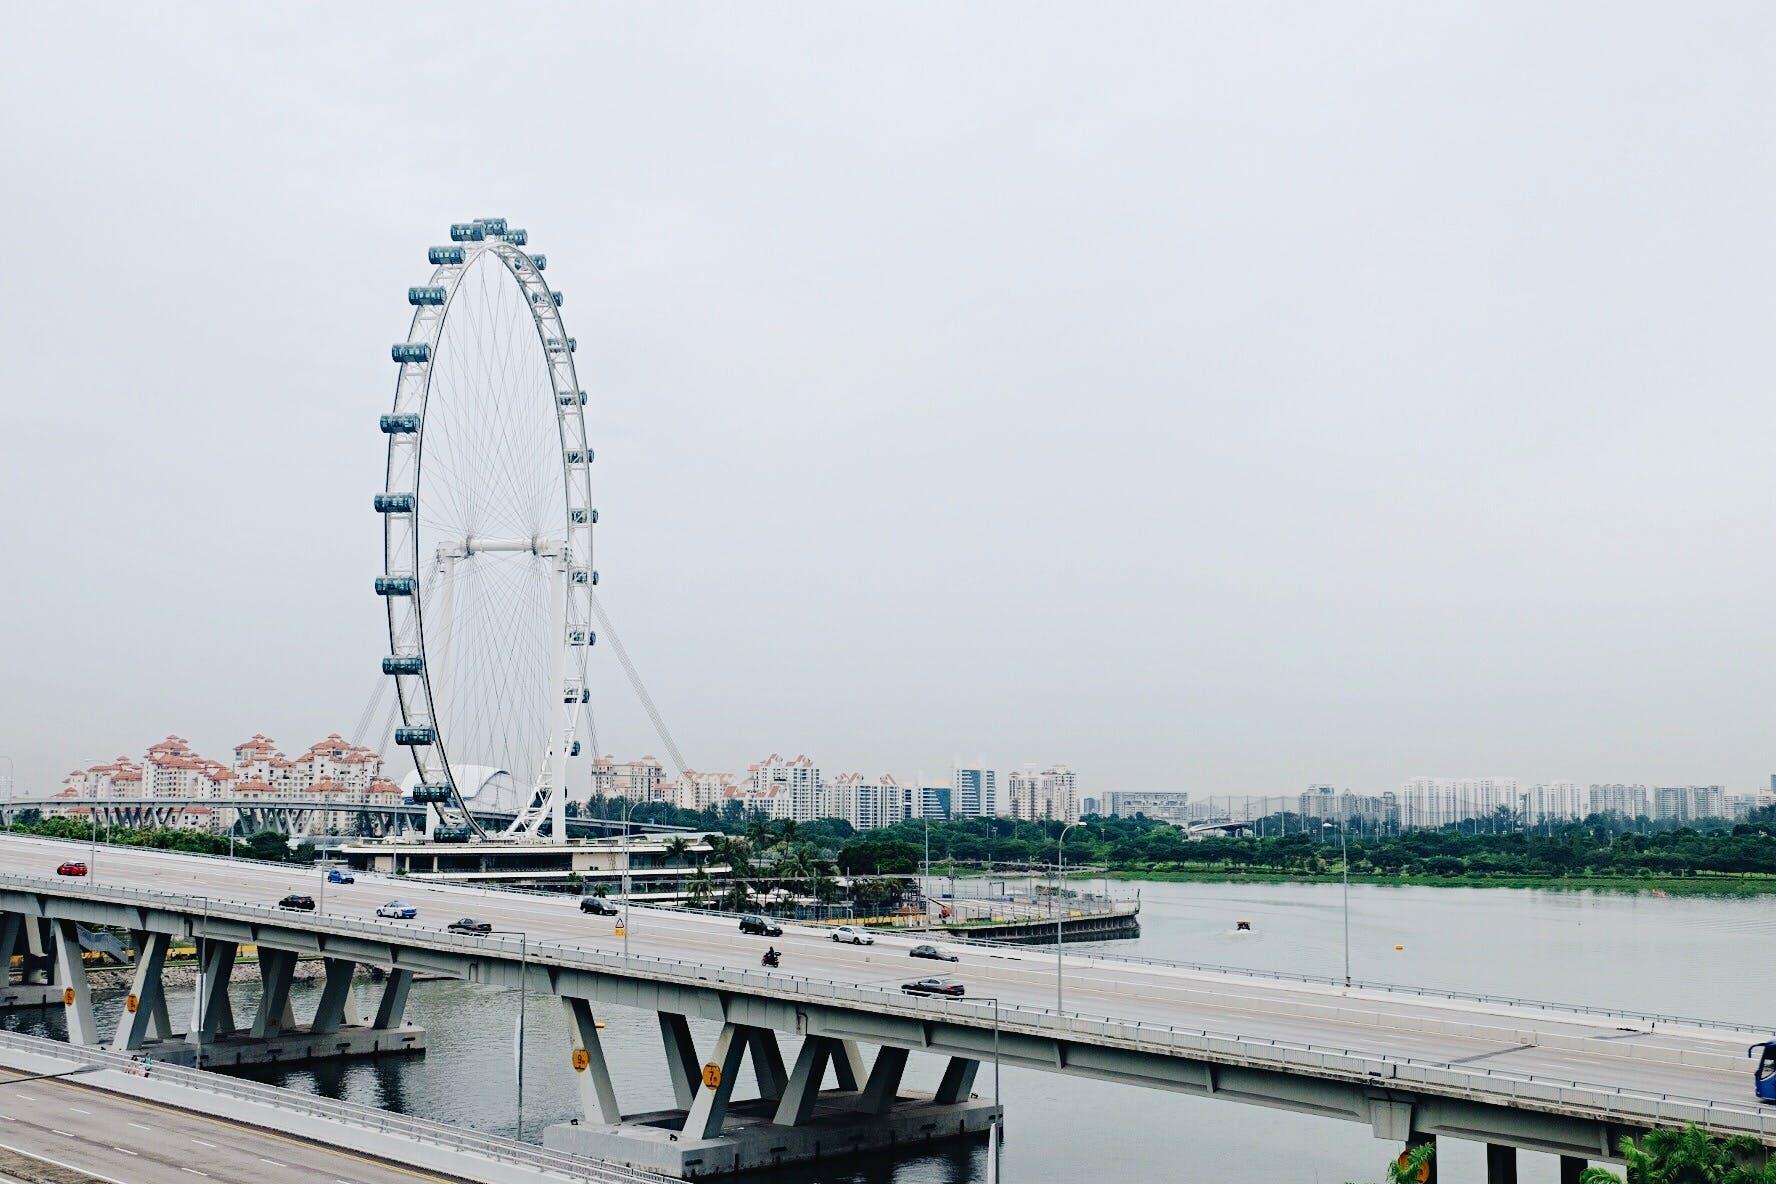 architecture, boat, bridge